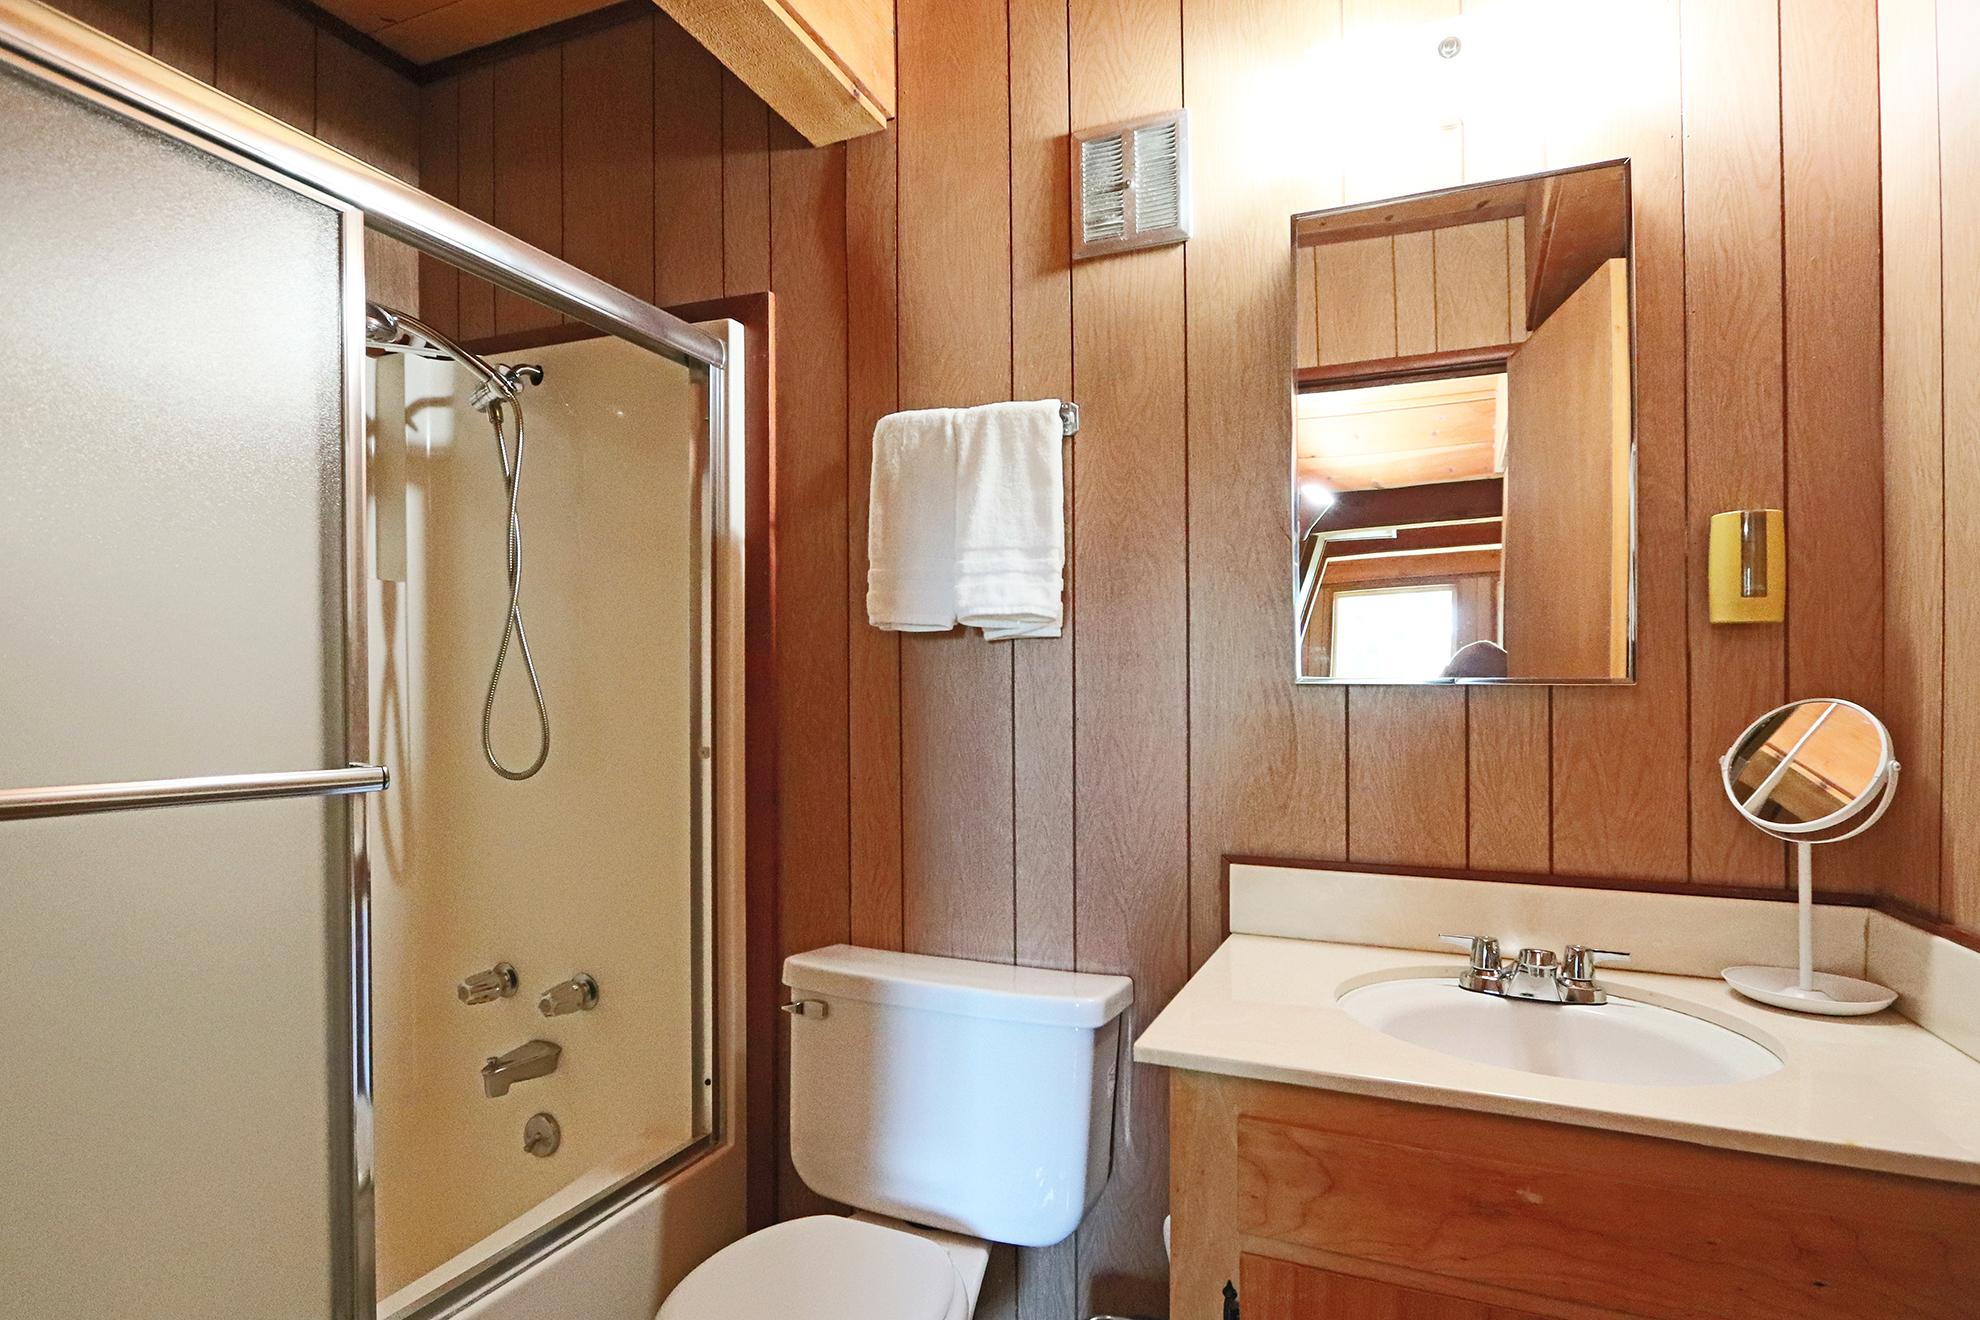 Listing Image 41 for Leibenson House